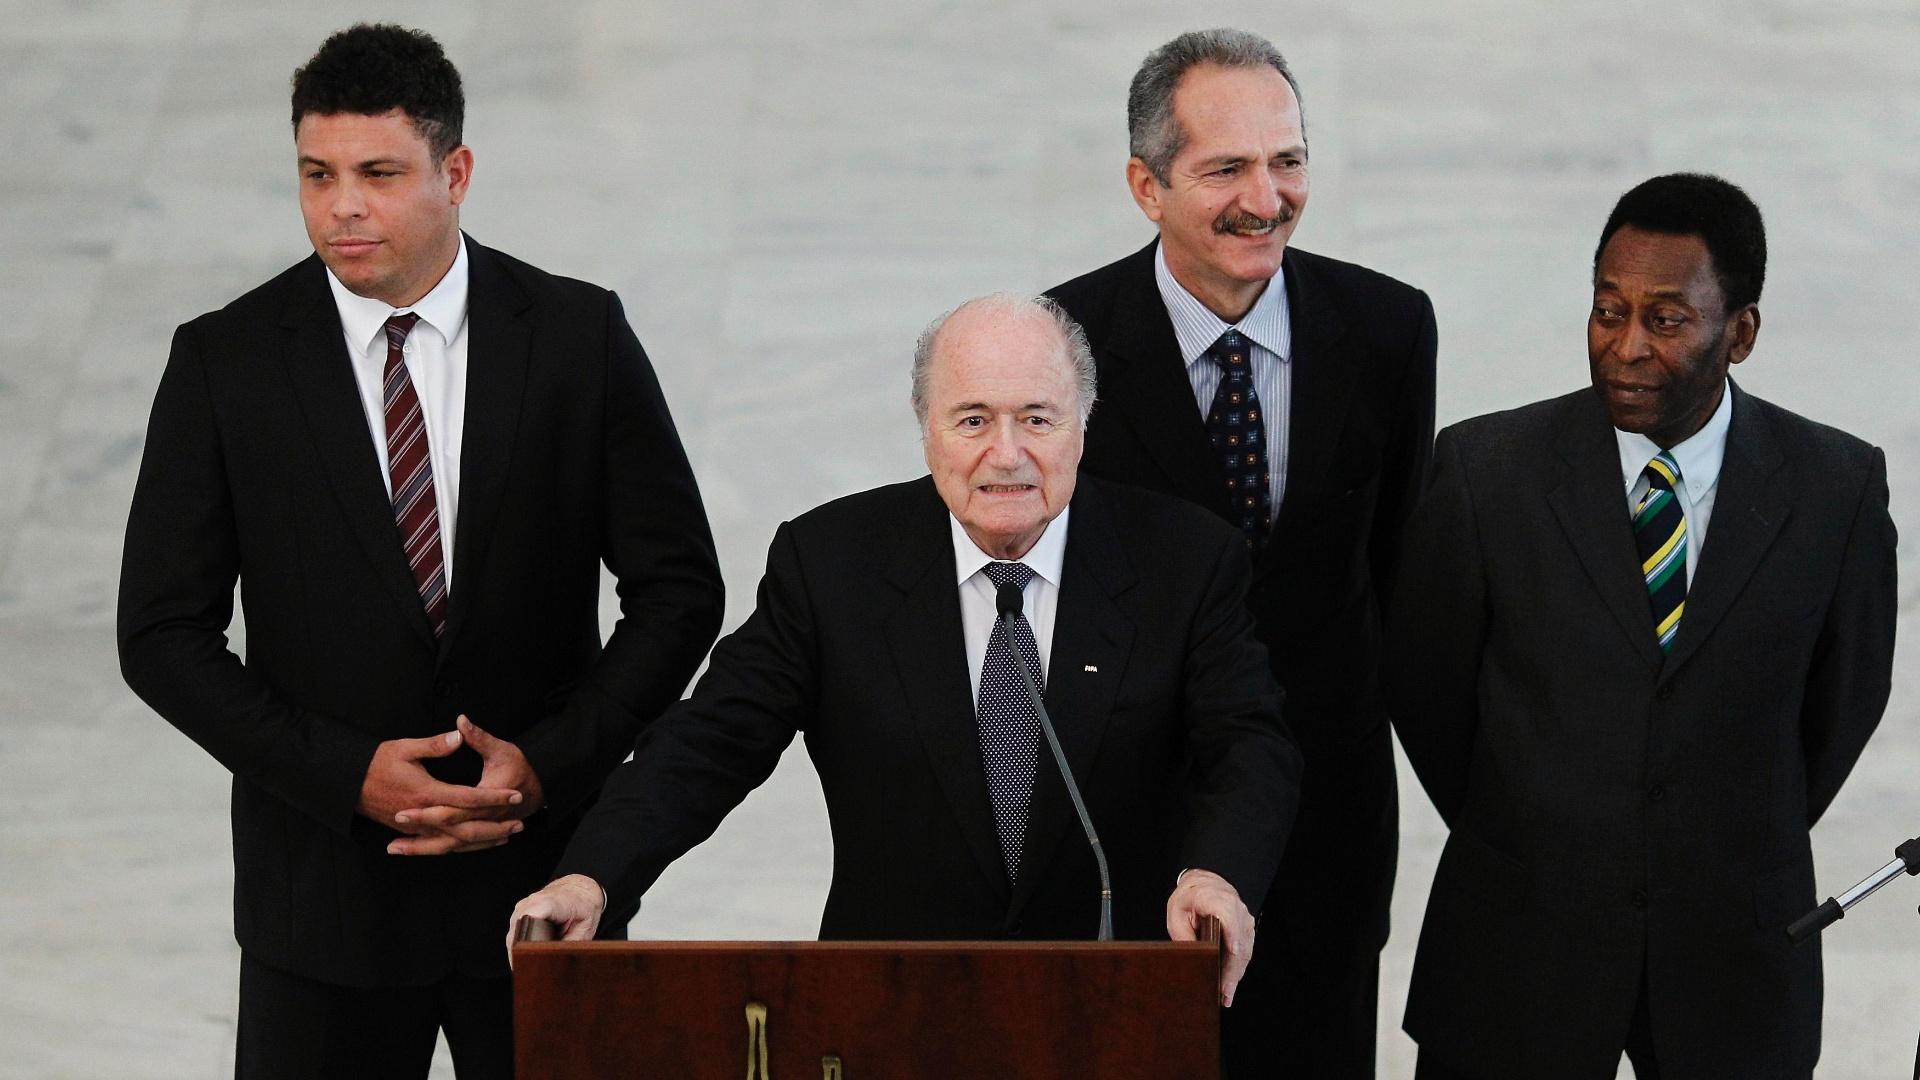 Ronaldo, Aldo Rebelo e Pelé cercam o presidente da Fifa, Joseph Blatter, após a reunião em Brasília